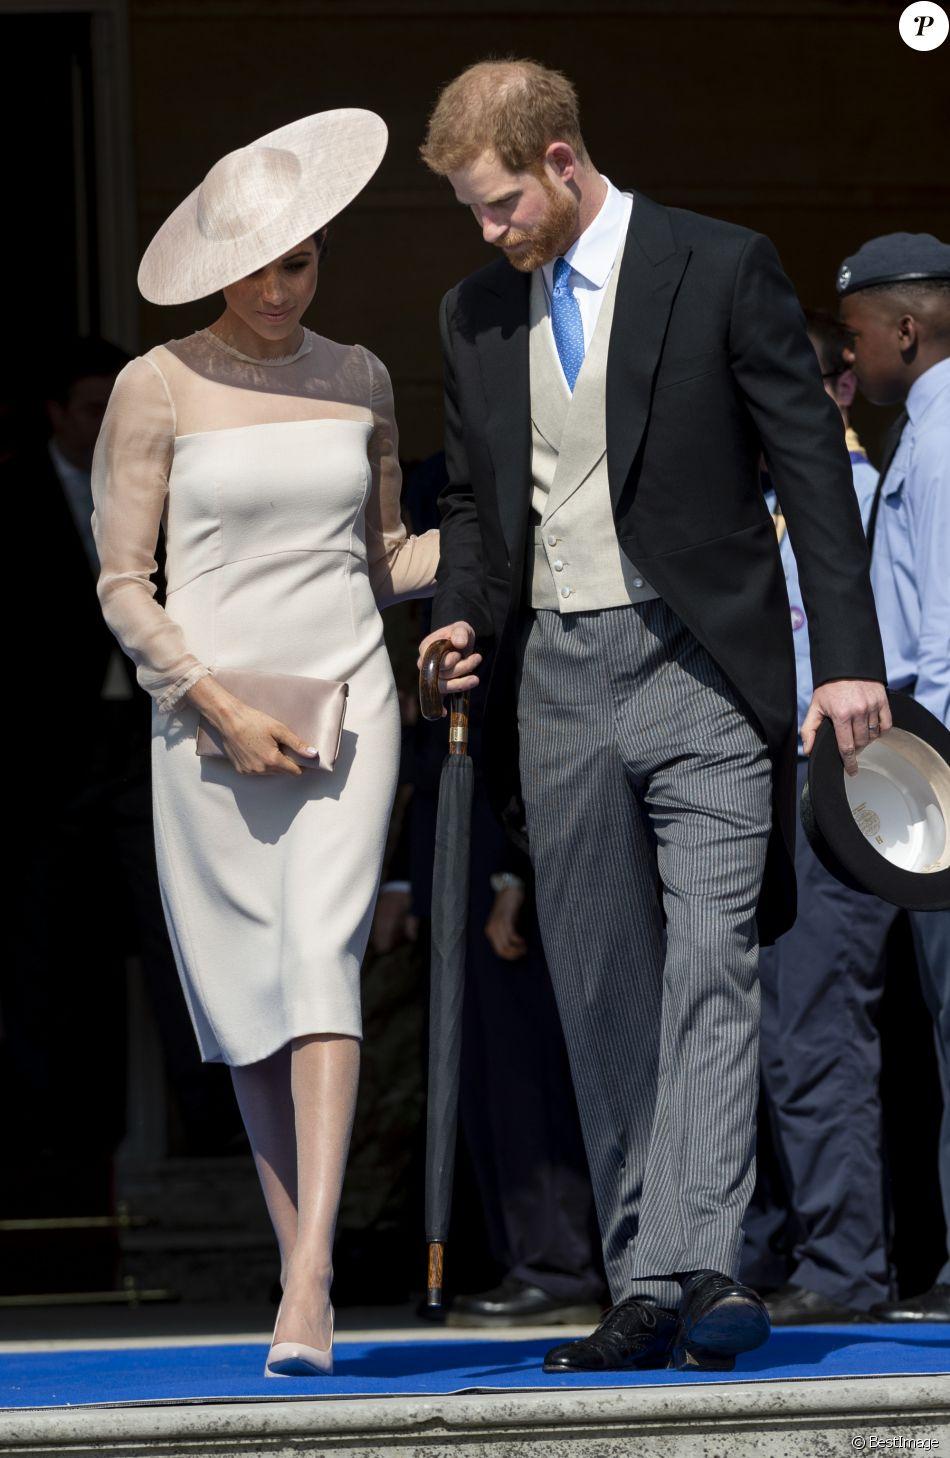 Le prince Harry, duc de Sussex, et Meghan Markle, duchesse de Sussex, à Buckingham Palace le 23 mai 2018 pour une garden party en l'honneur des patronages et associations soutenues par le prince Charles dans le cadre des célébrations de son 70e anniversaire le 14 novembre 2018.